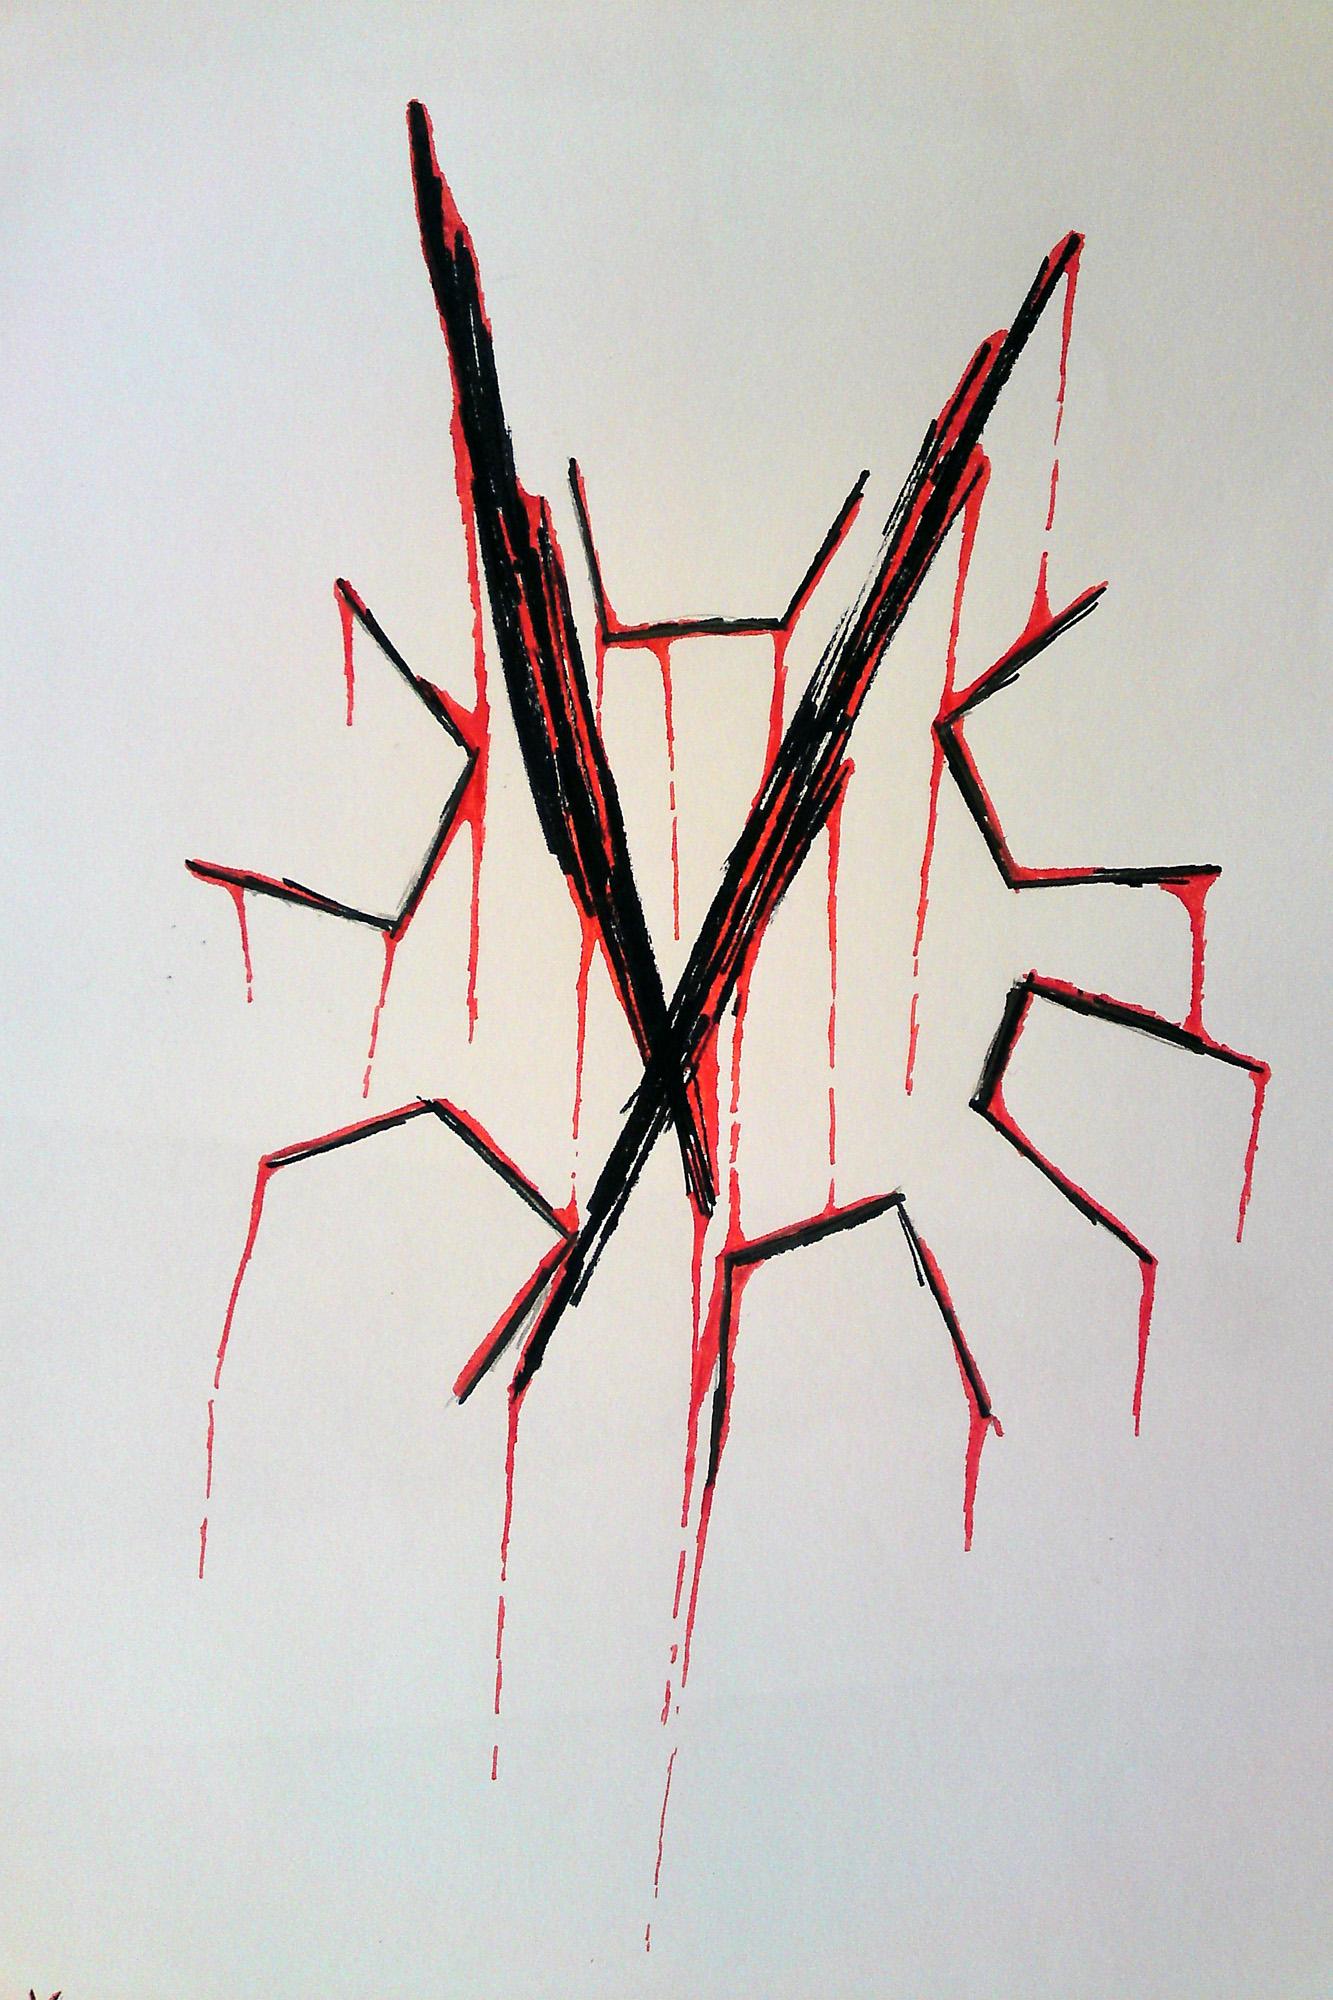 V for me